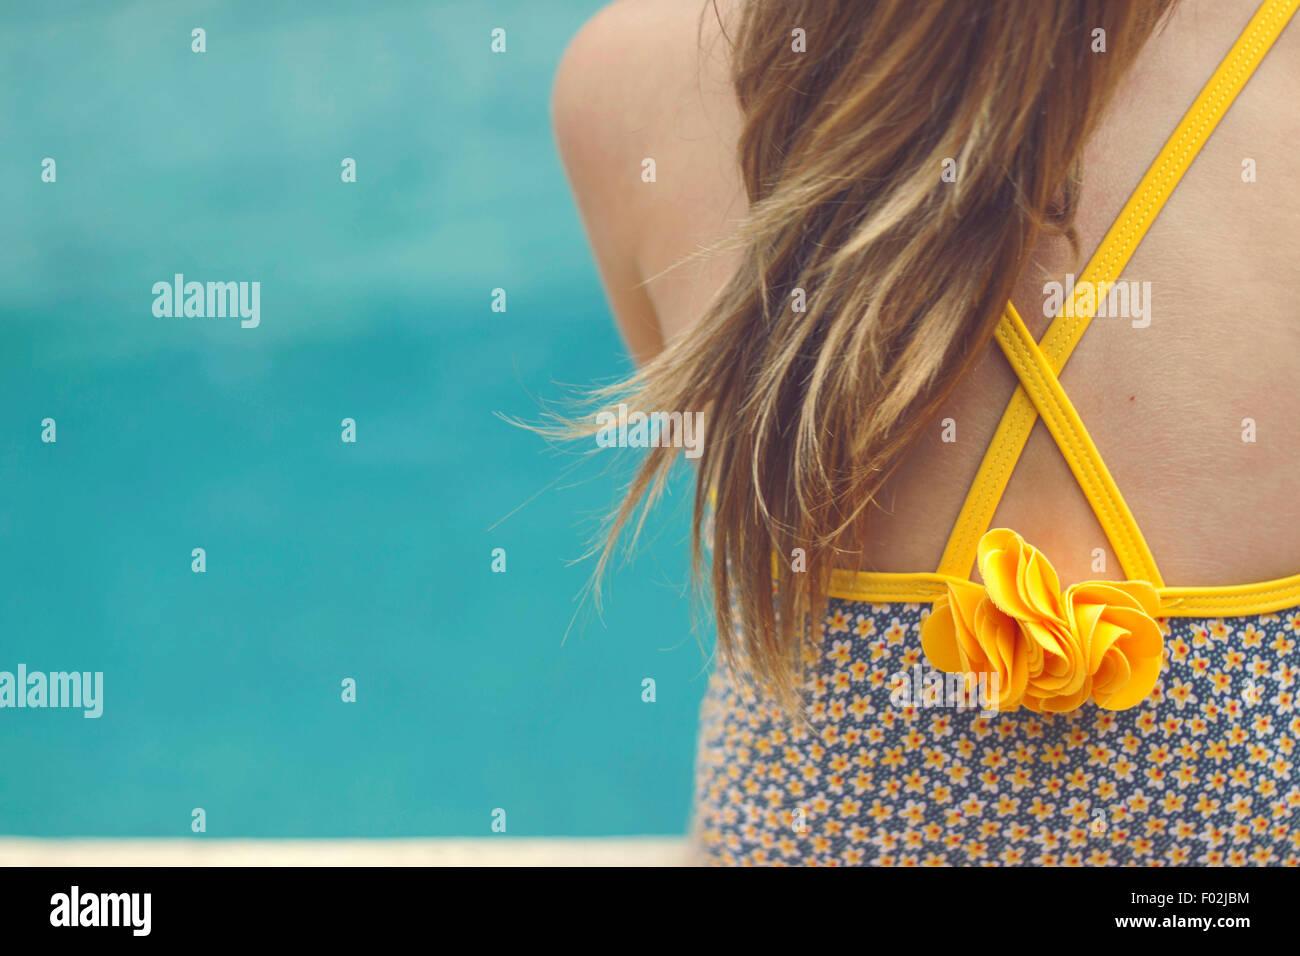 Vista posteriore di una ragazza in un costume da bagno seduta da una piscina Immagini Stock